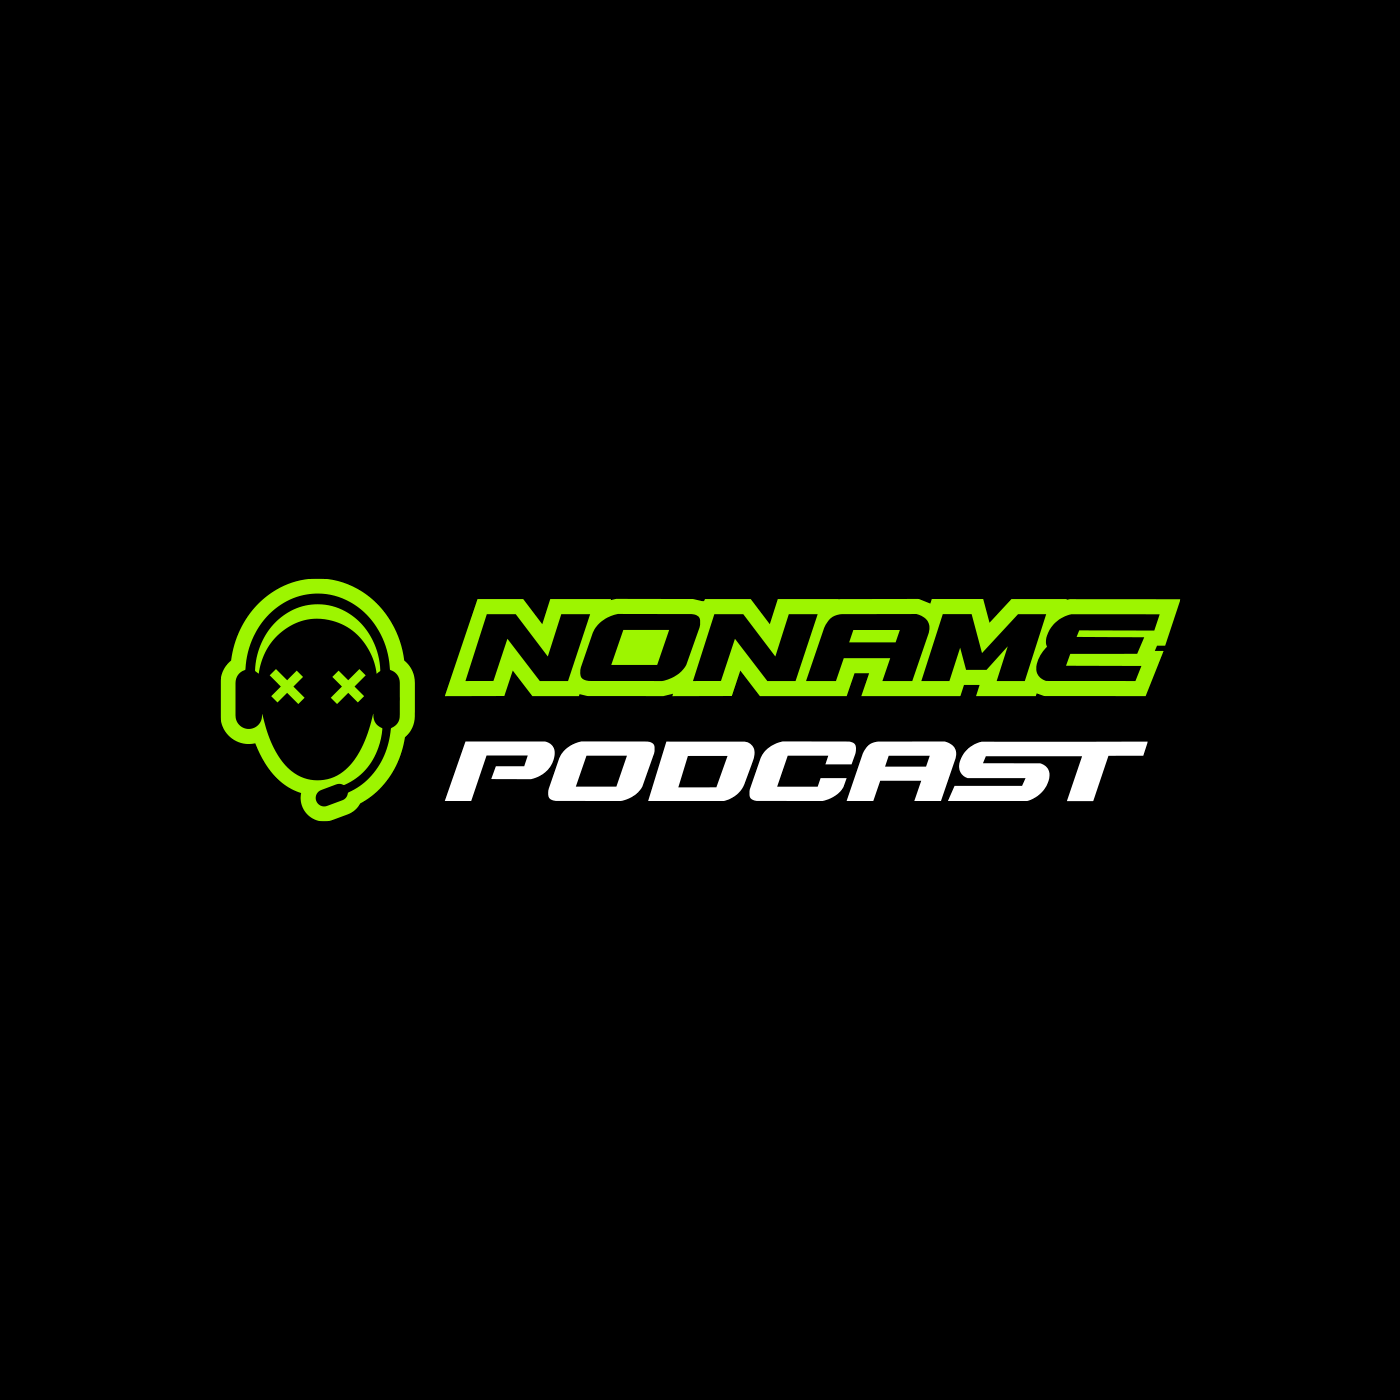 No Name Podcast artwork